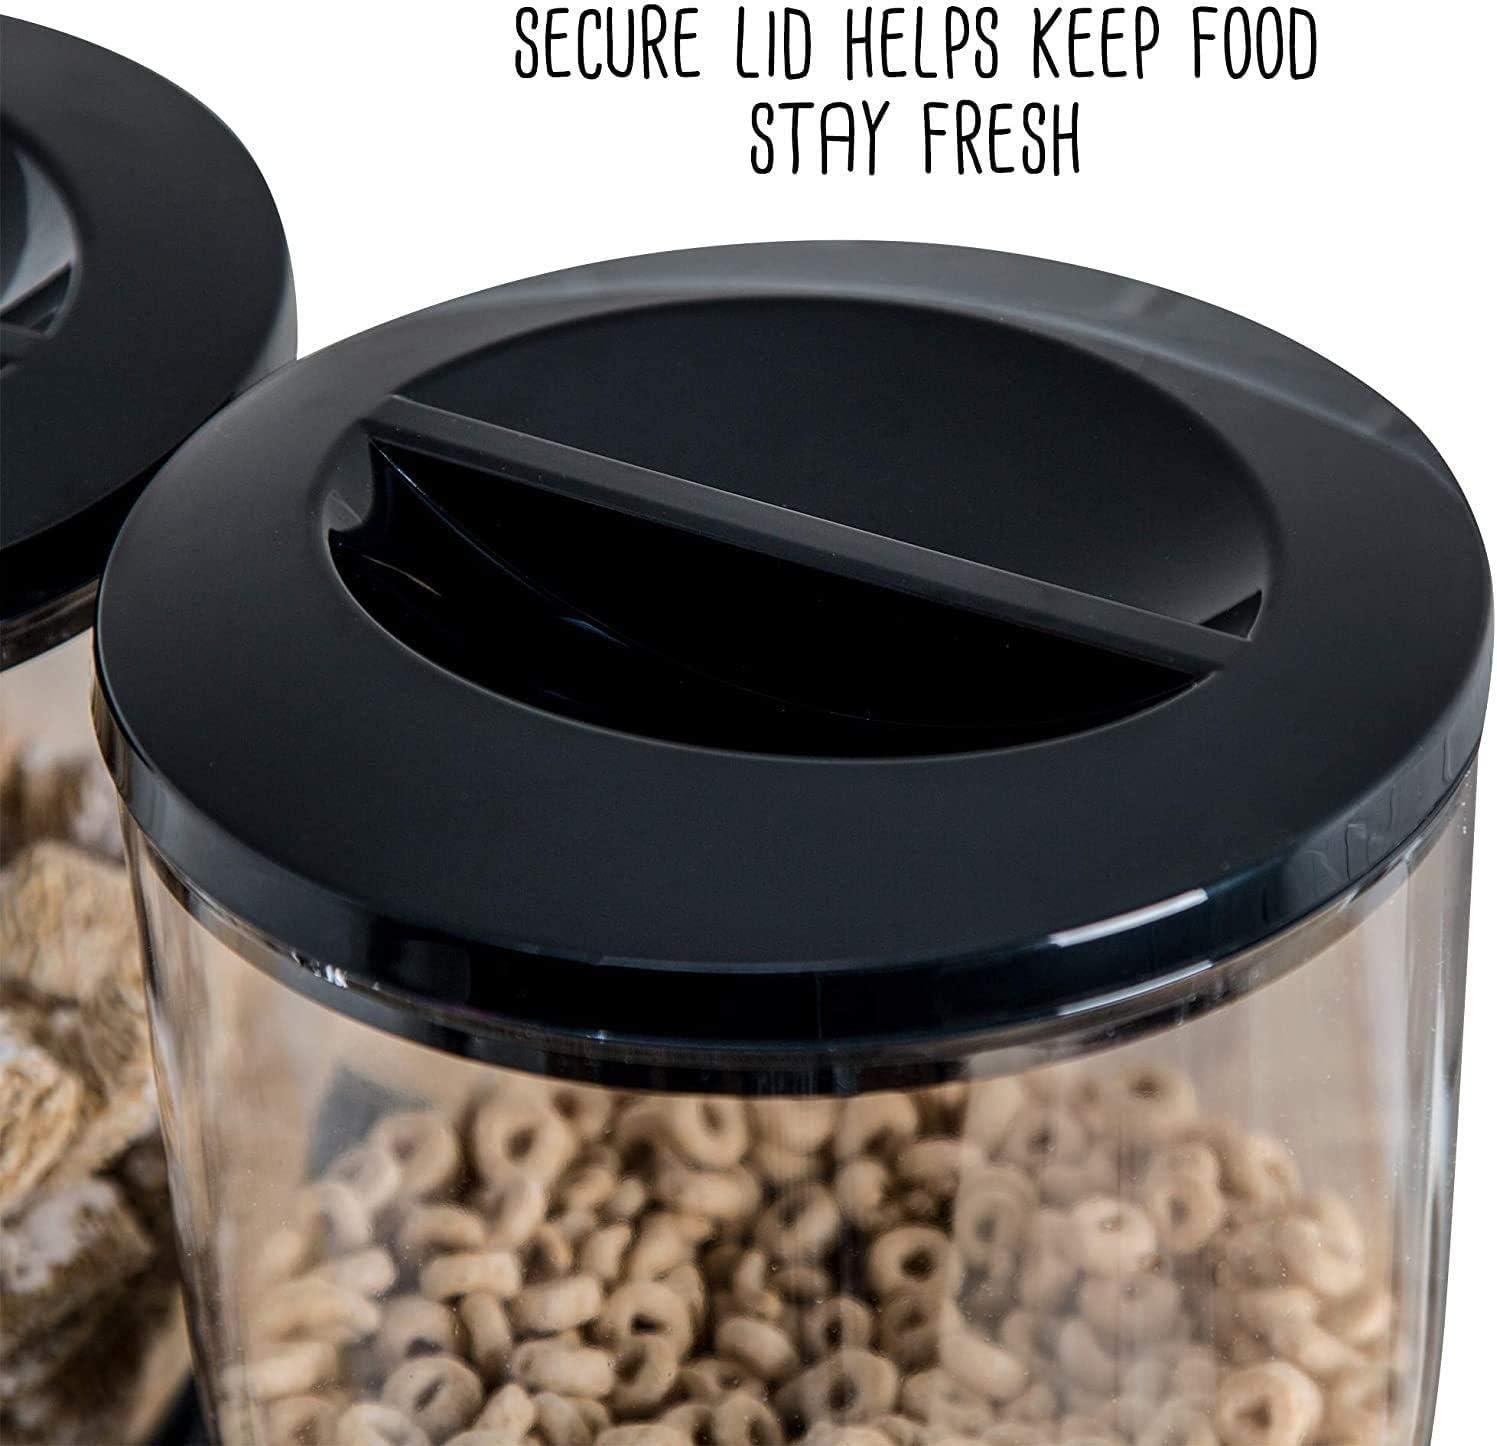 cucina Dispenser doppio per cereali Enyaa caramelle bancone con vassoio raccoglibriciole integrato mangime per animali domestici colazione ideale per casa Dispensa doppia arancione